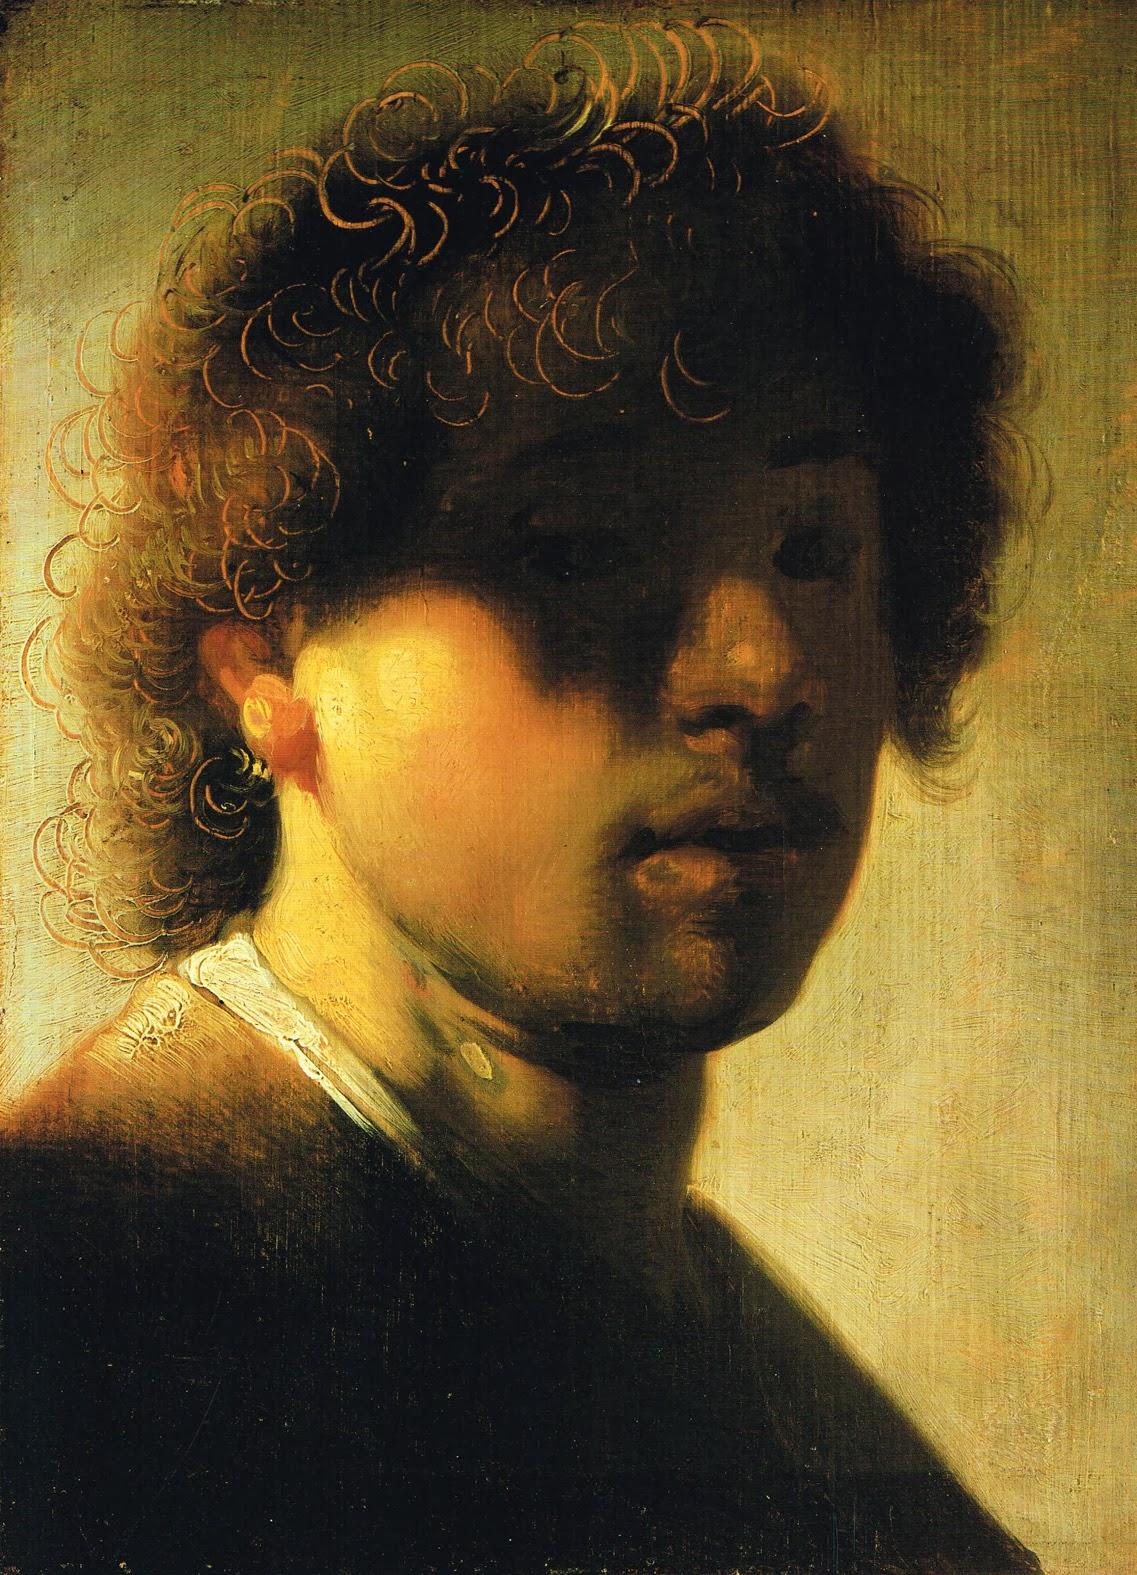 rembrandt essay rembrandt van rijn 1606 1669 prints thematic essay